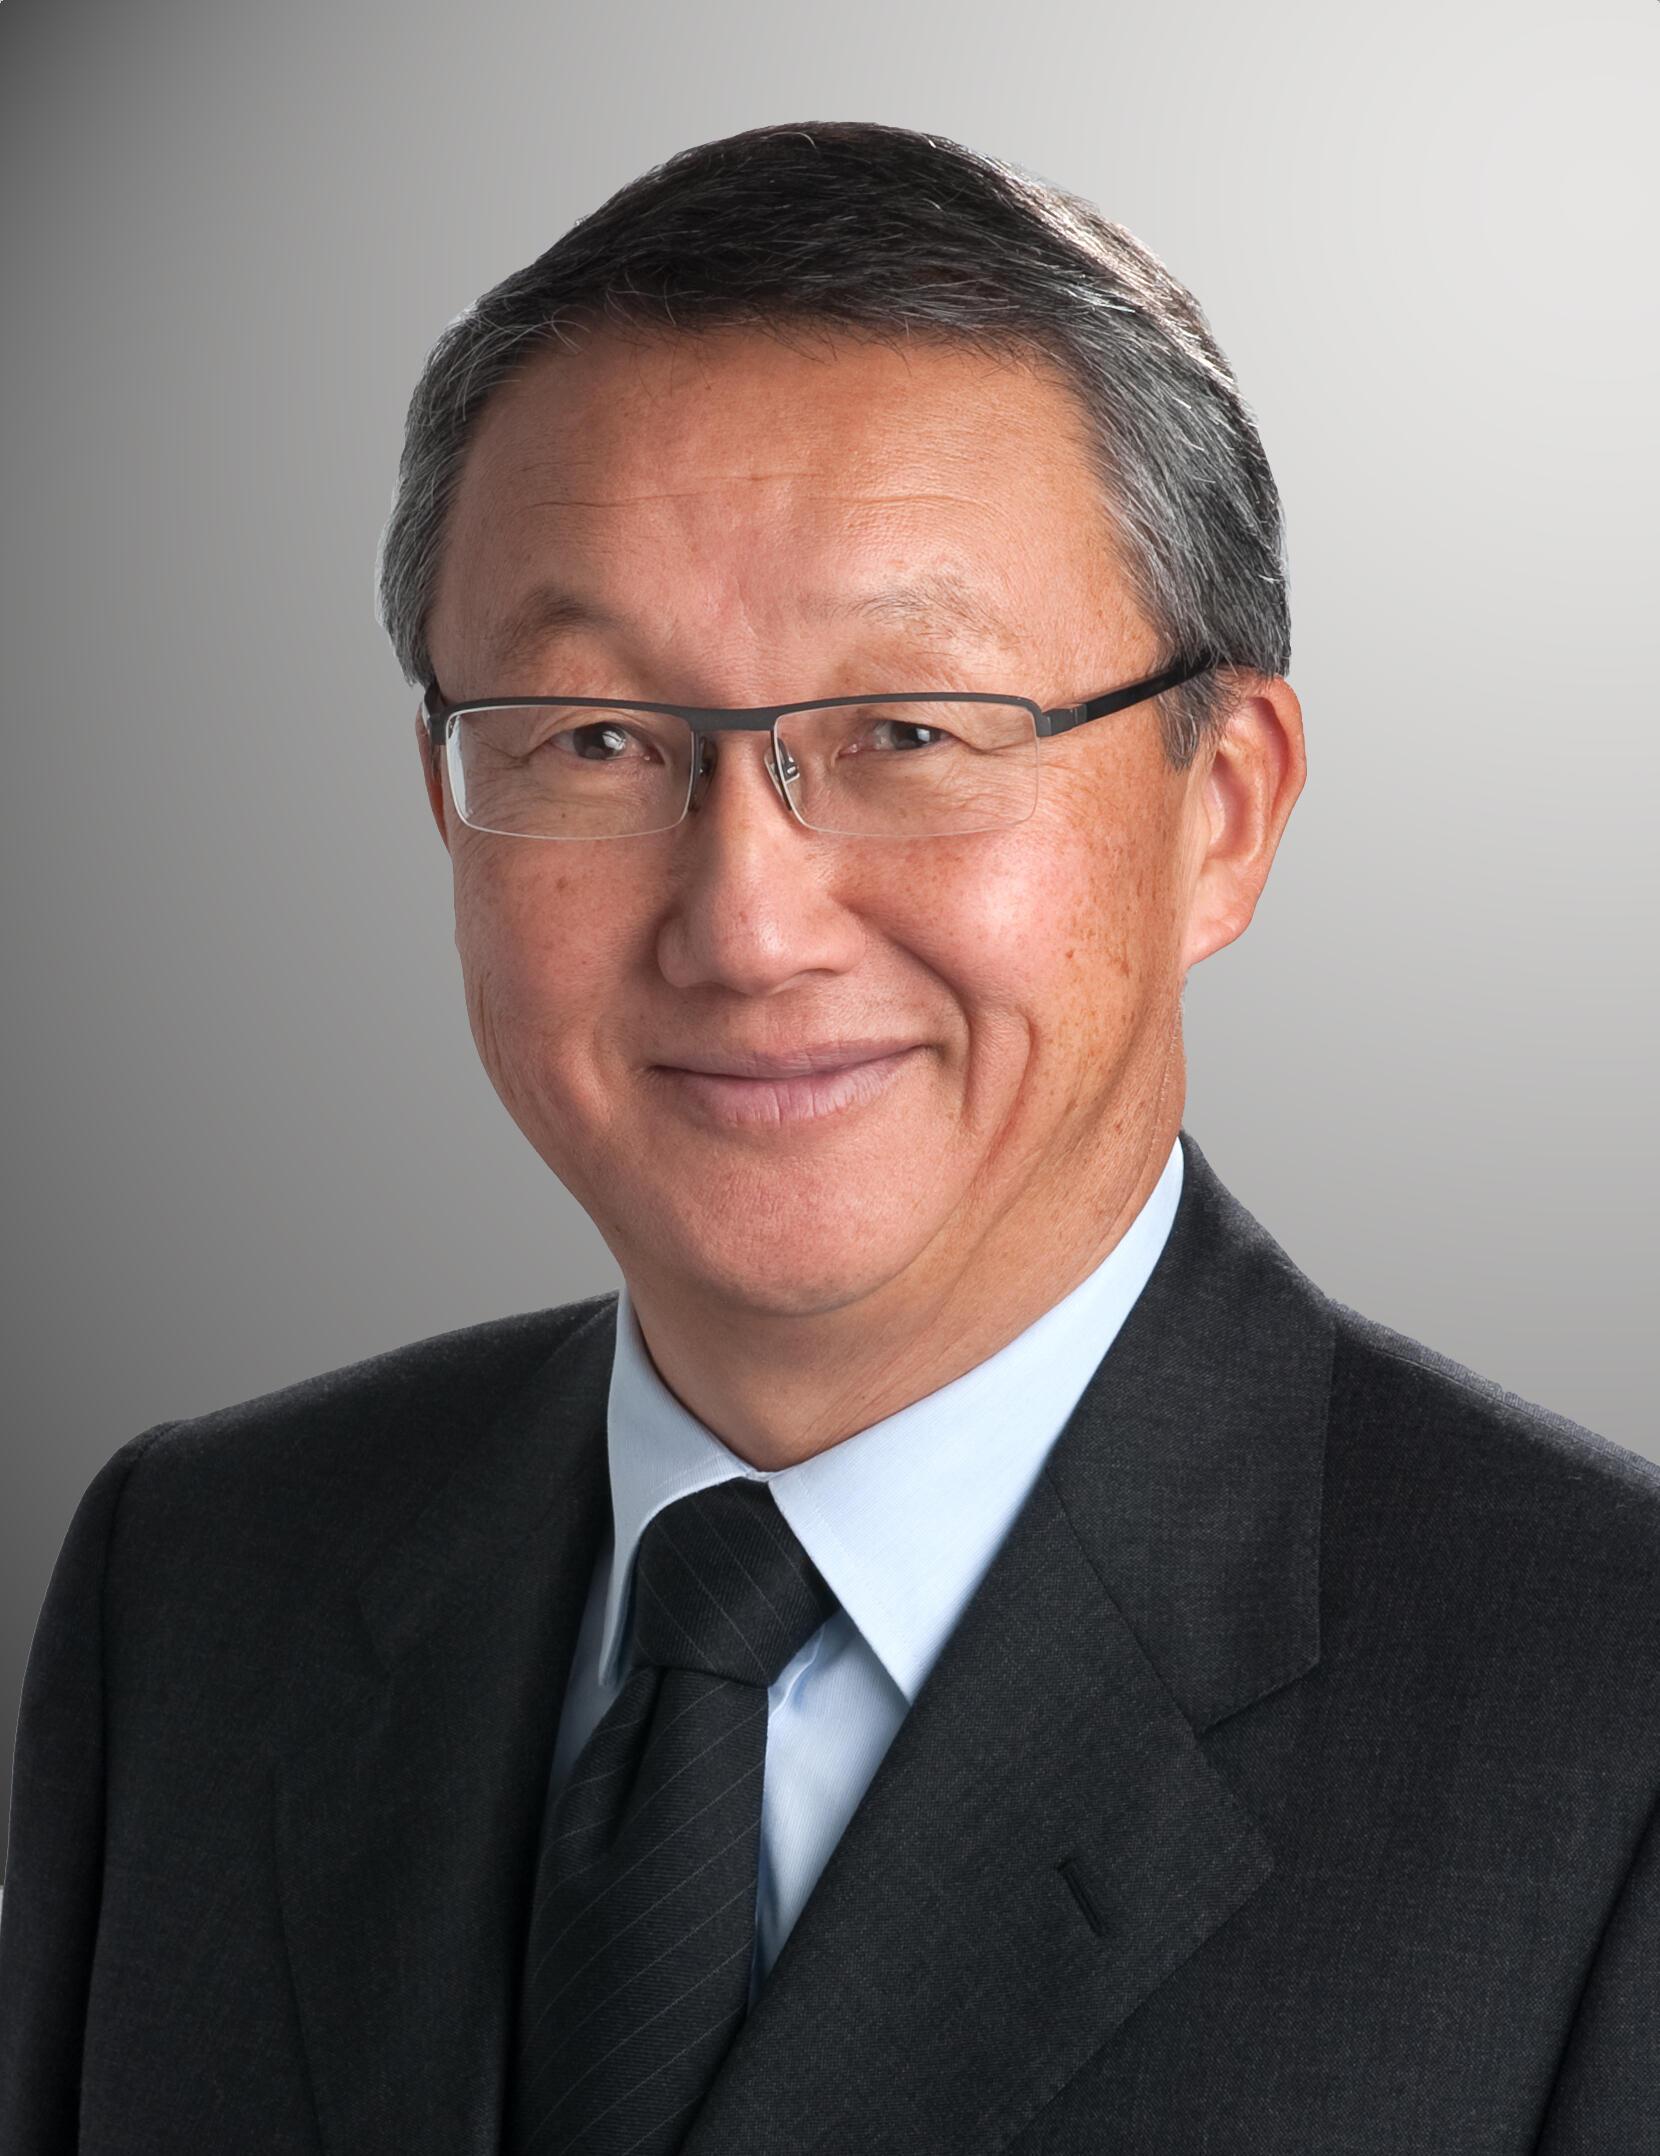 O consultor Jogi Humberto Oshiai atua como lobista nas instituições da União Europeia em Bruxelas.